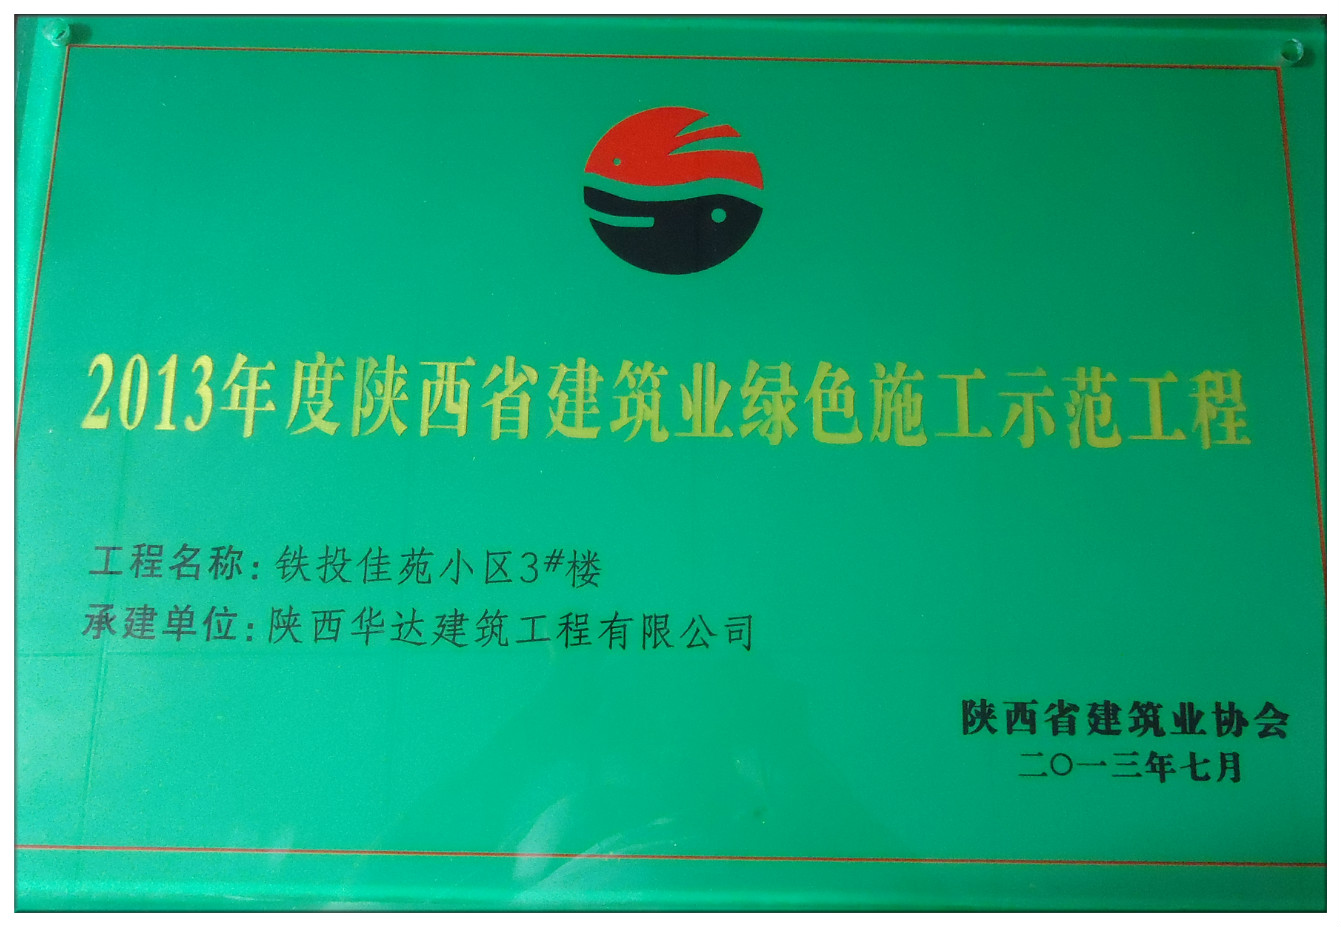 陕西省建筑业绿色施工示范万博max电脑网页版登录入口1